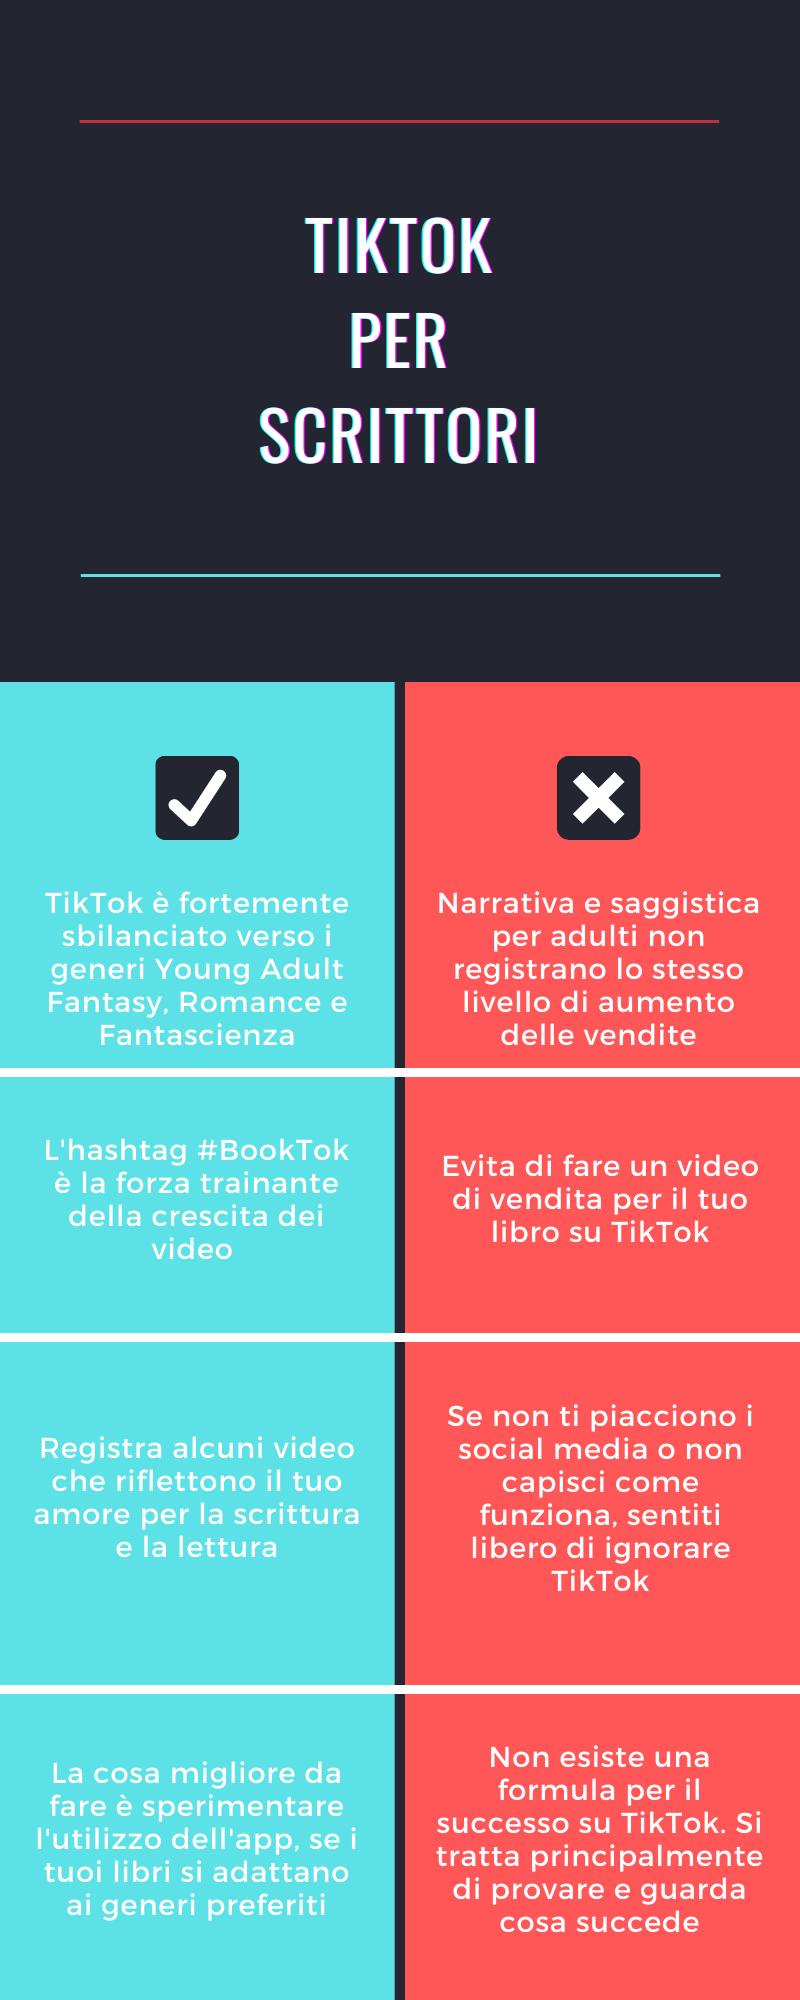 Regole per scrittori e booktoker